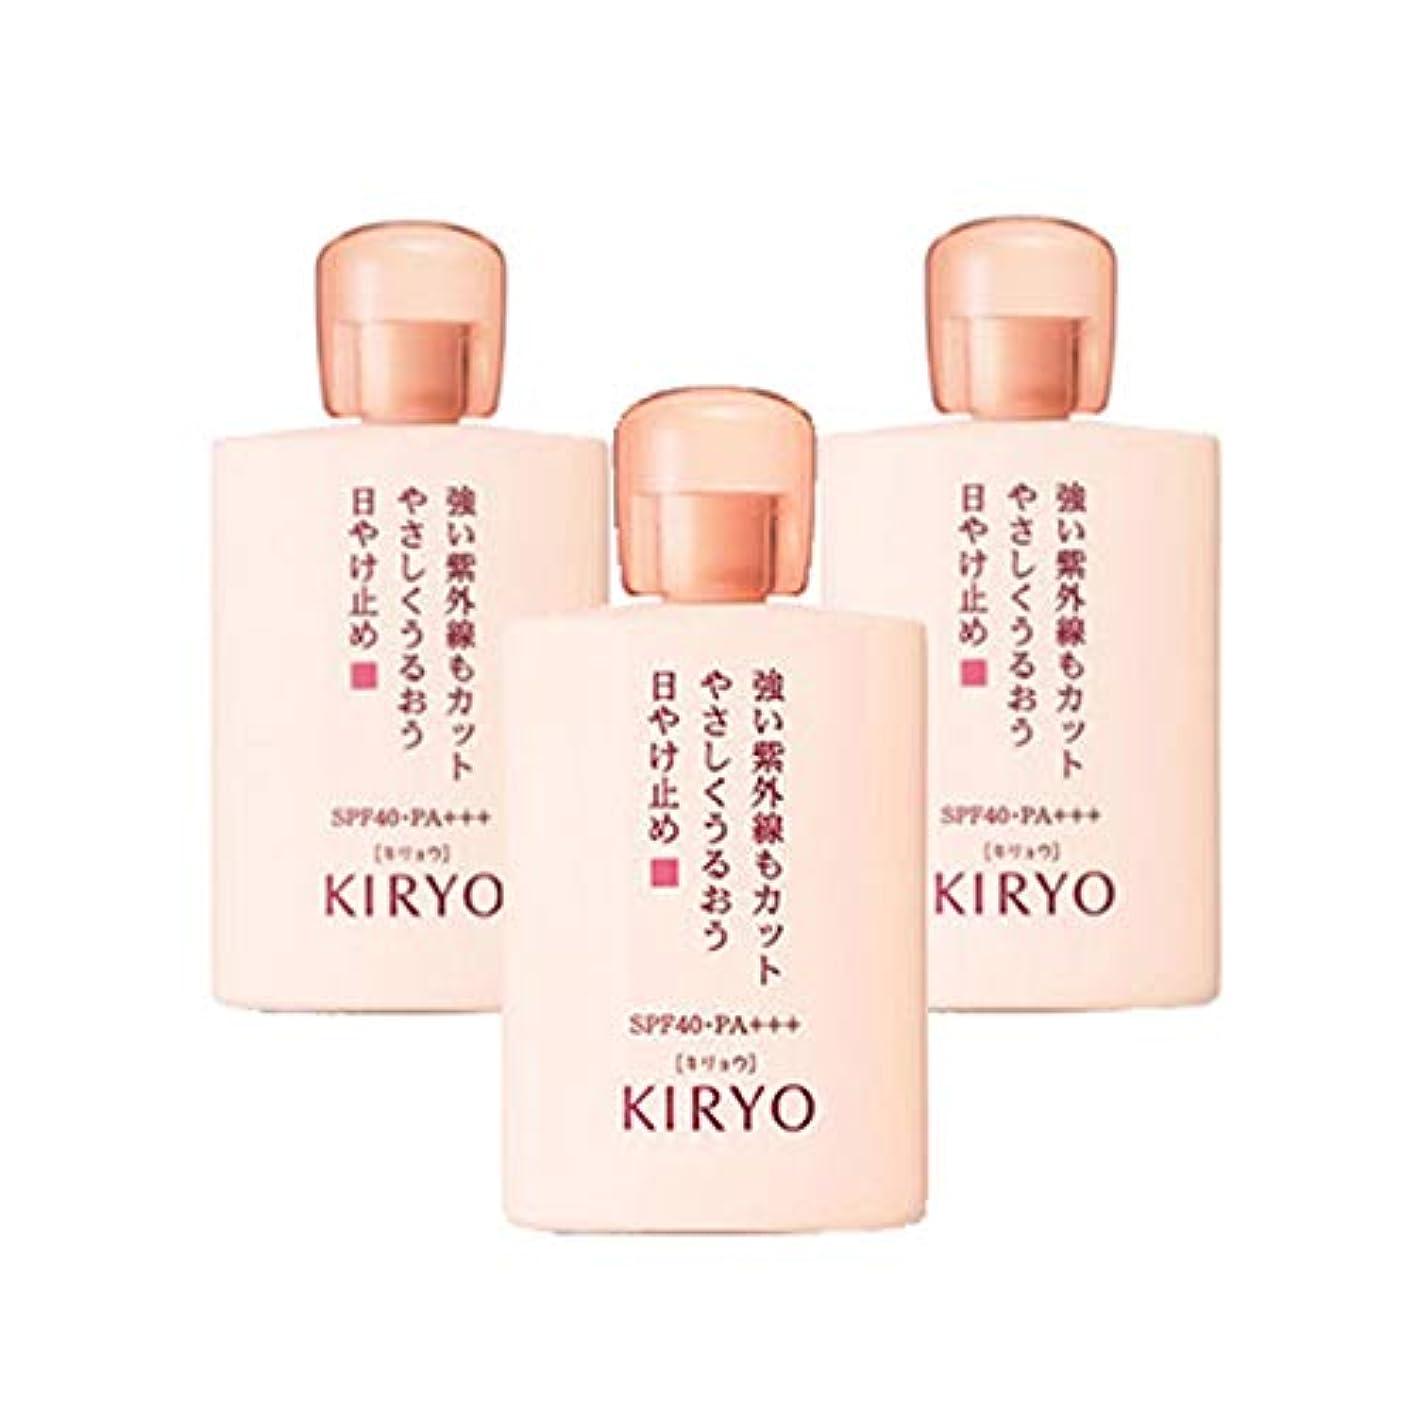 大宇宙コールド借りている【資生堂】KIRYO キリョウ サンブロック UV SPF40 PA+++ 50mL× 3個セット【International shipping available】